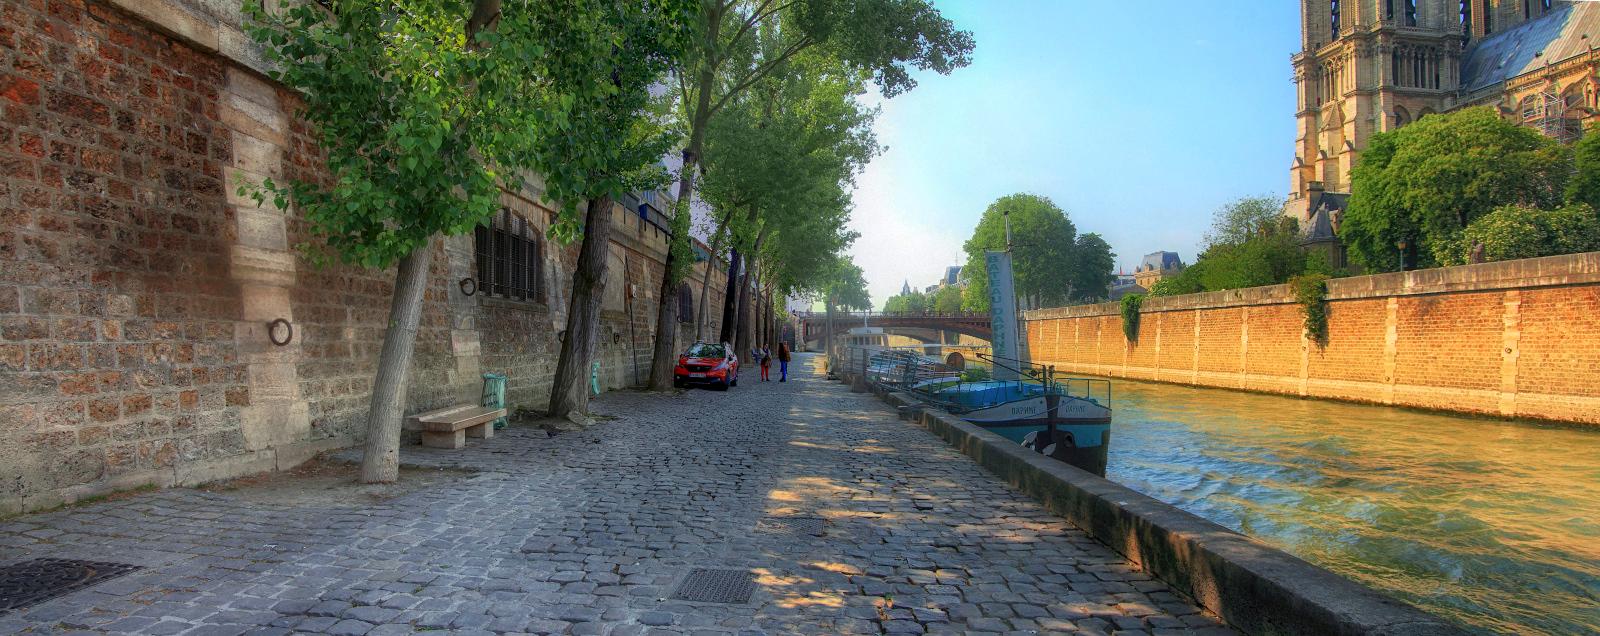 Набережная Сены в районе Нотр-Дам-де-Пари